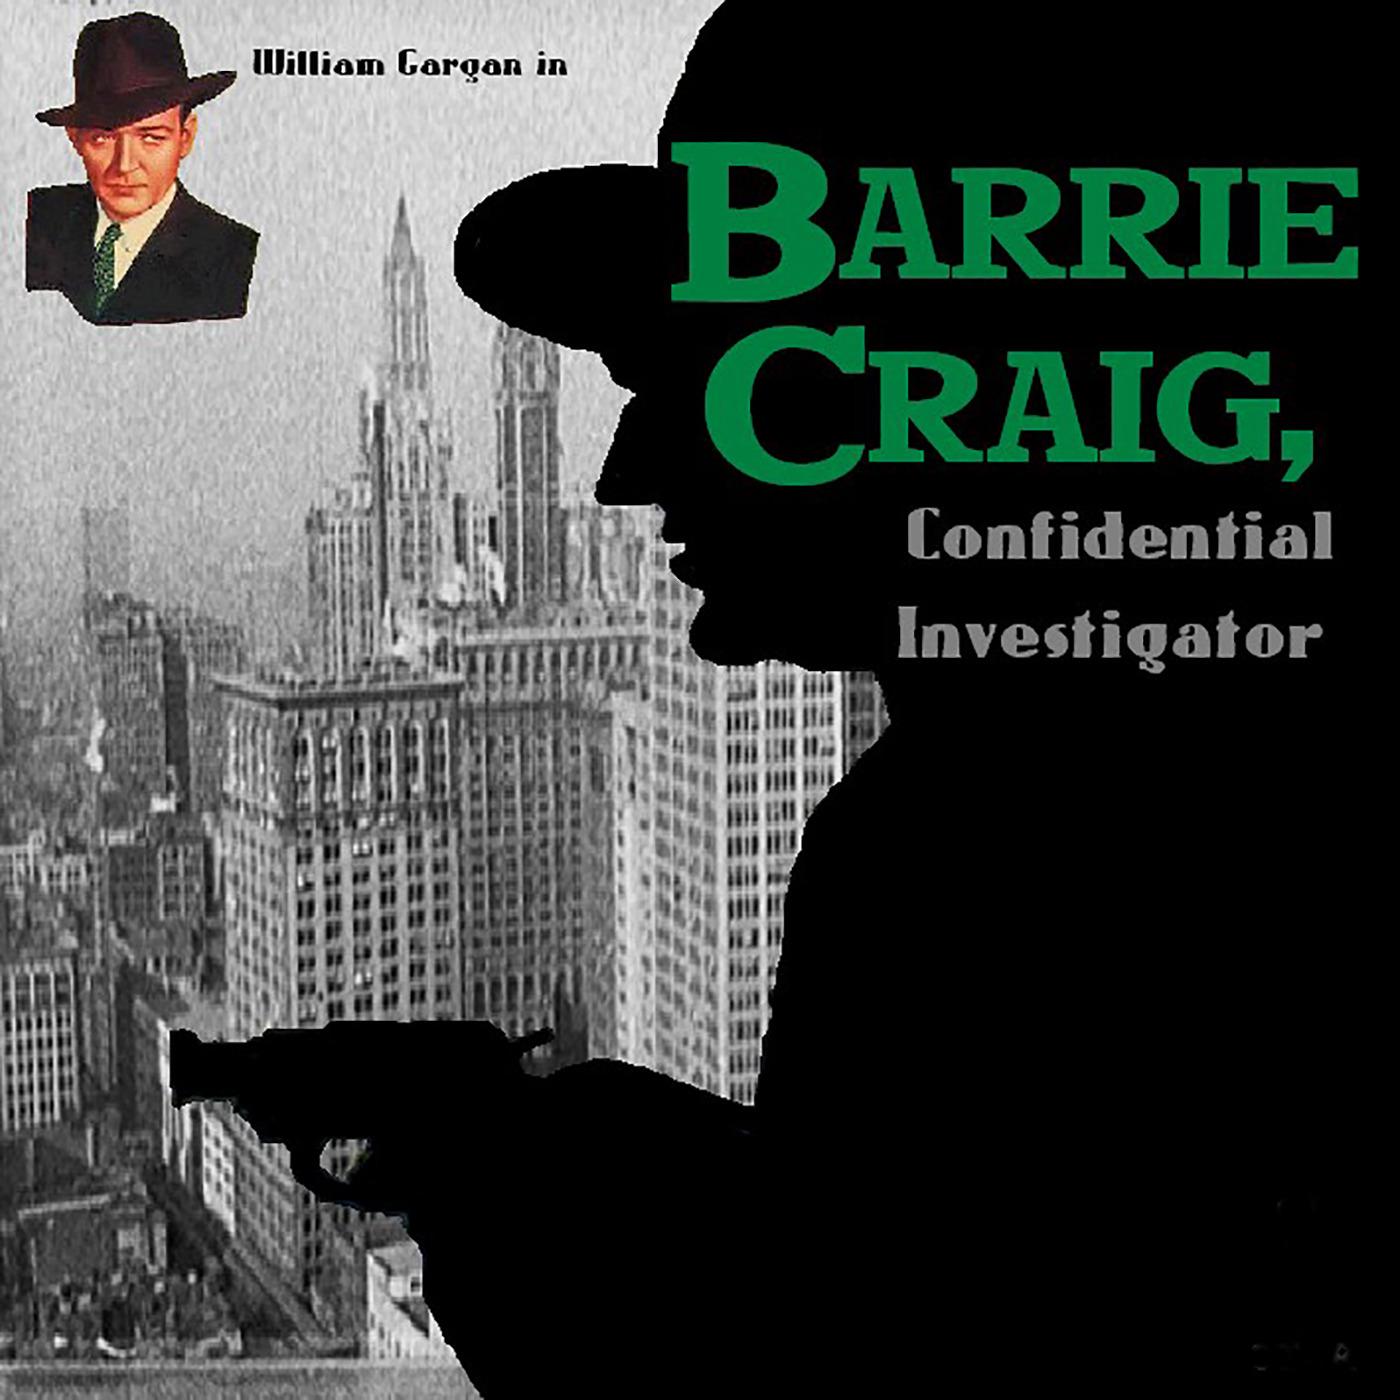 Barry Craig, Confidential Investigator